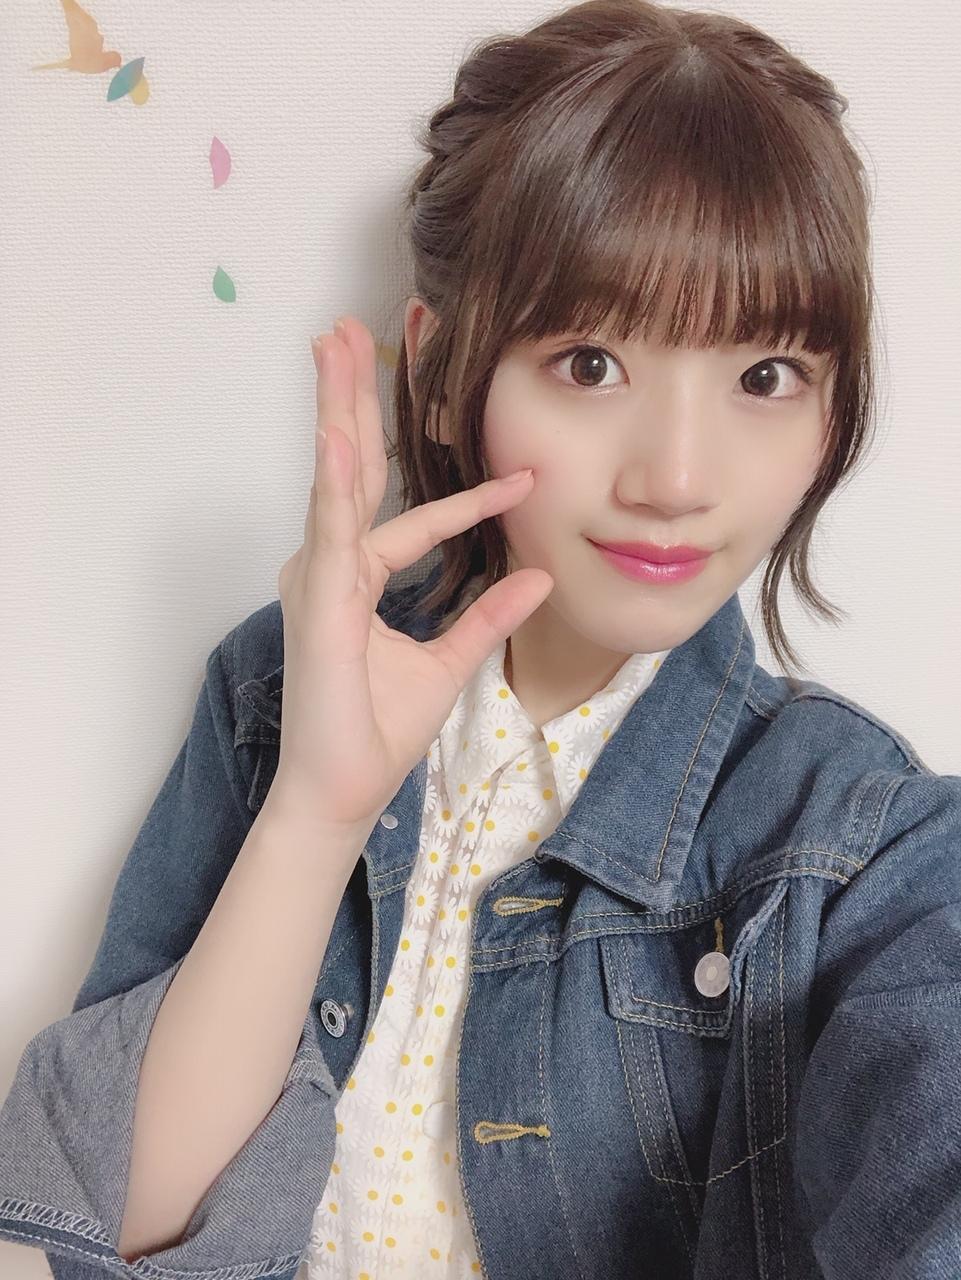 日向坂46メンバーブログまとめ2019年5月22日